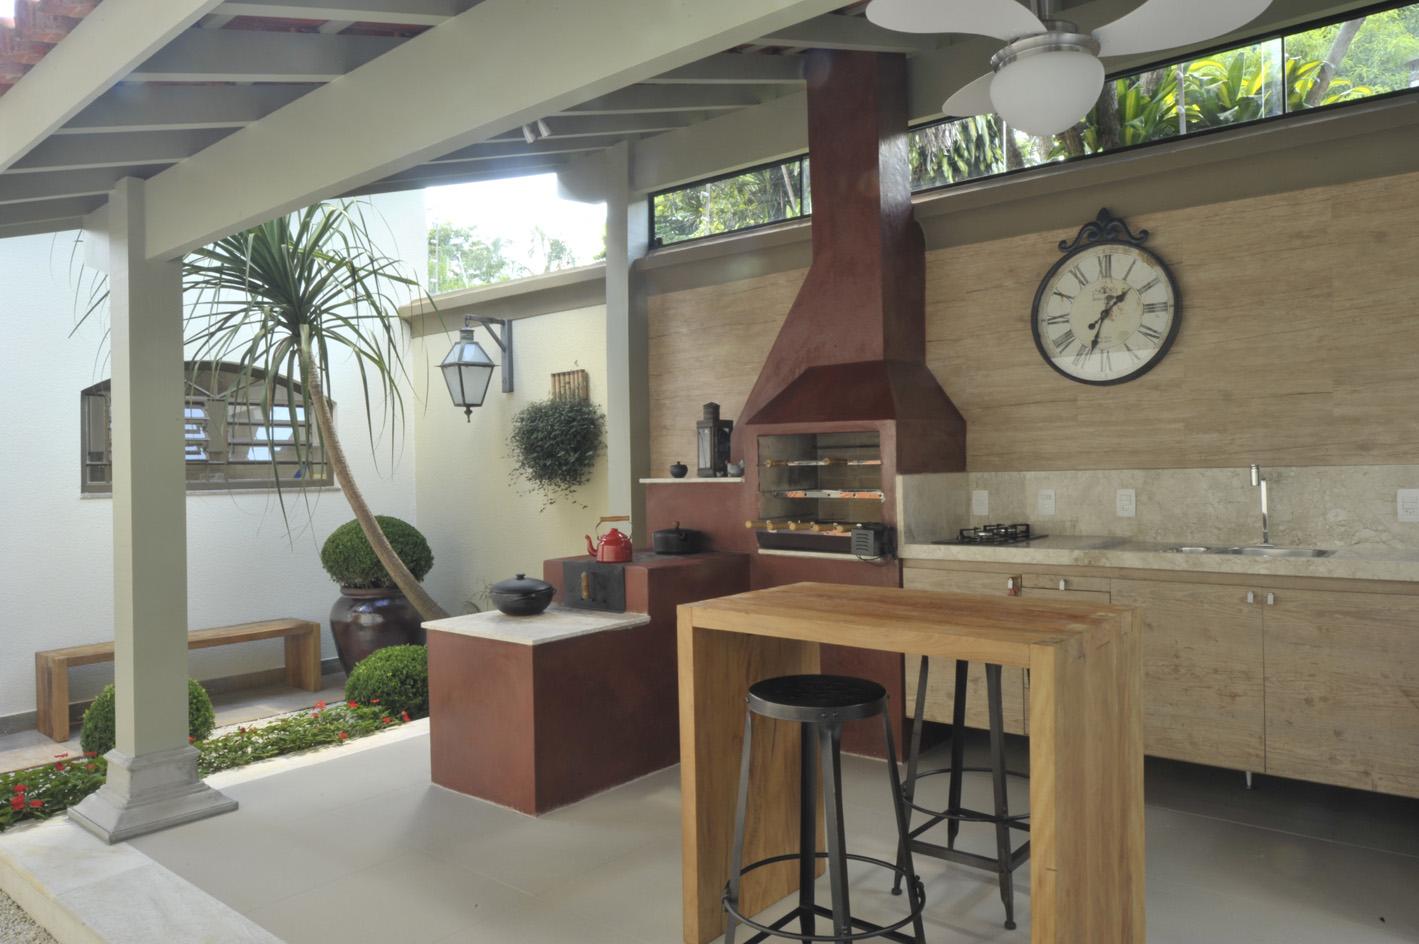 #836C48 Blog da Ayda: Uma boa ideia de cozinha gourmet 1419x944 px Projetos De Cozinhas Gourmets_5733 Imagens